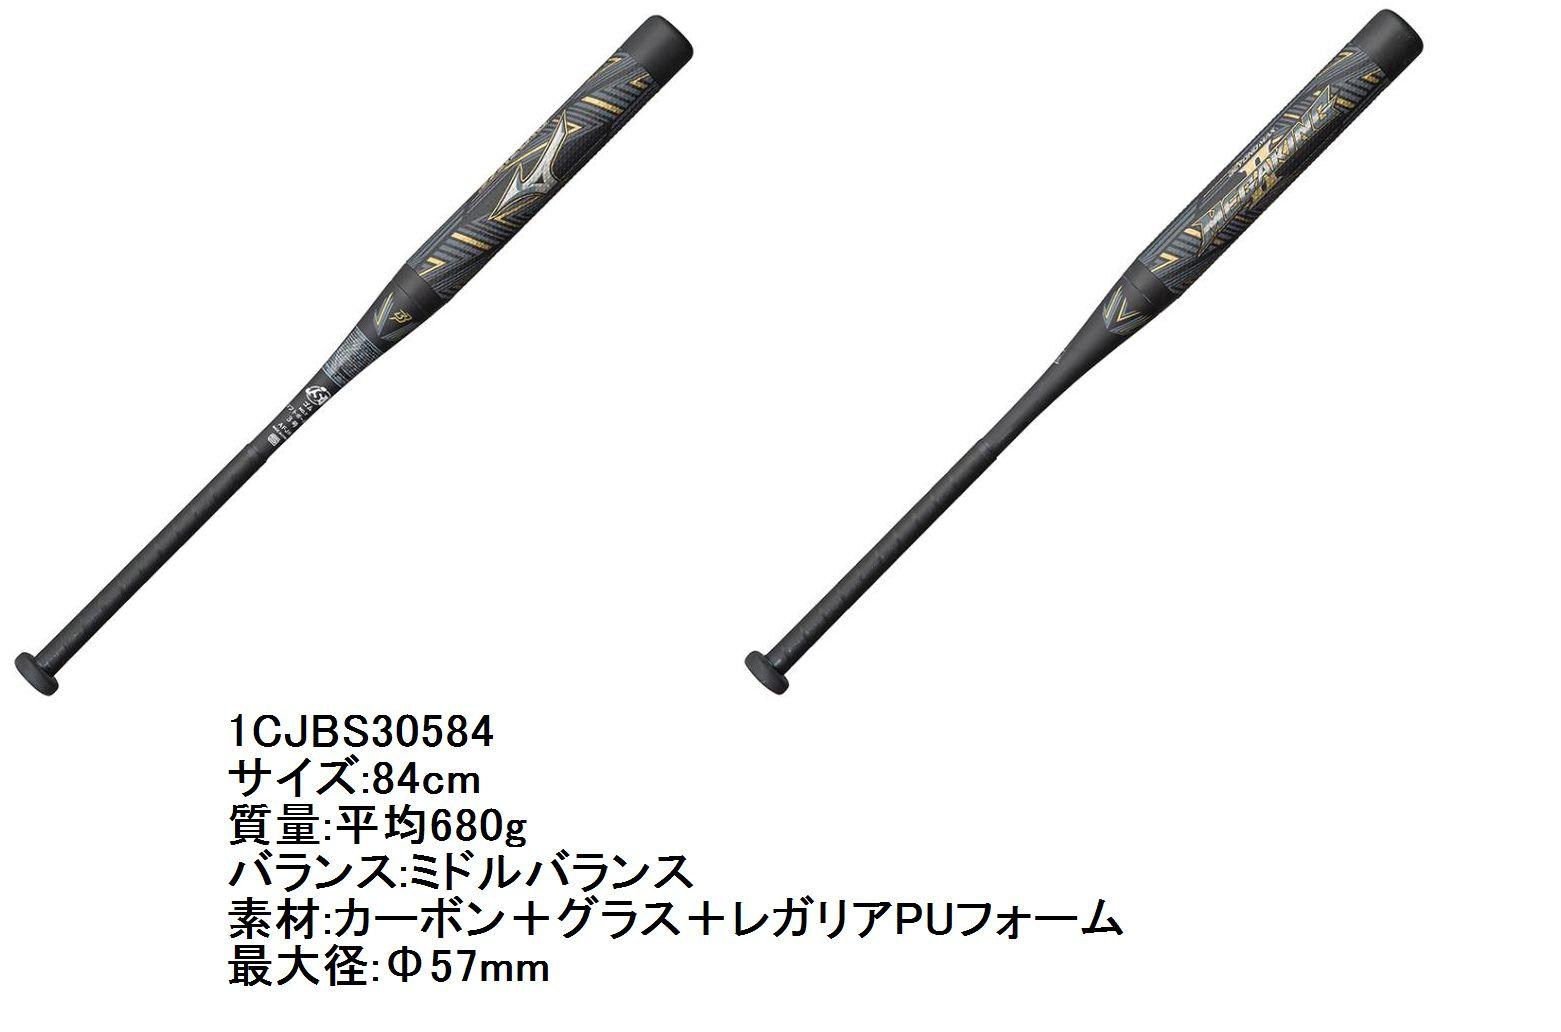 ★お取り寄せ品★【Mizuno=ミズノ】ソフトボール用バットソフトボール用 ビヨンドマックス メガキング2(FRP製/3号ゴムボール用)<84cm/平均680g/ミドルバランス>(ブラック)For Rubber Softball Bats